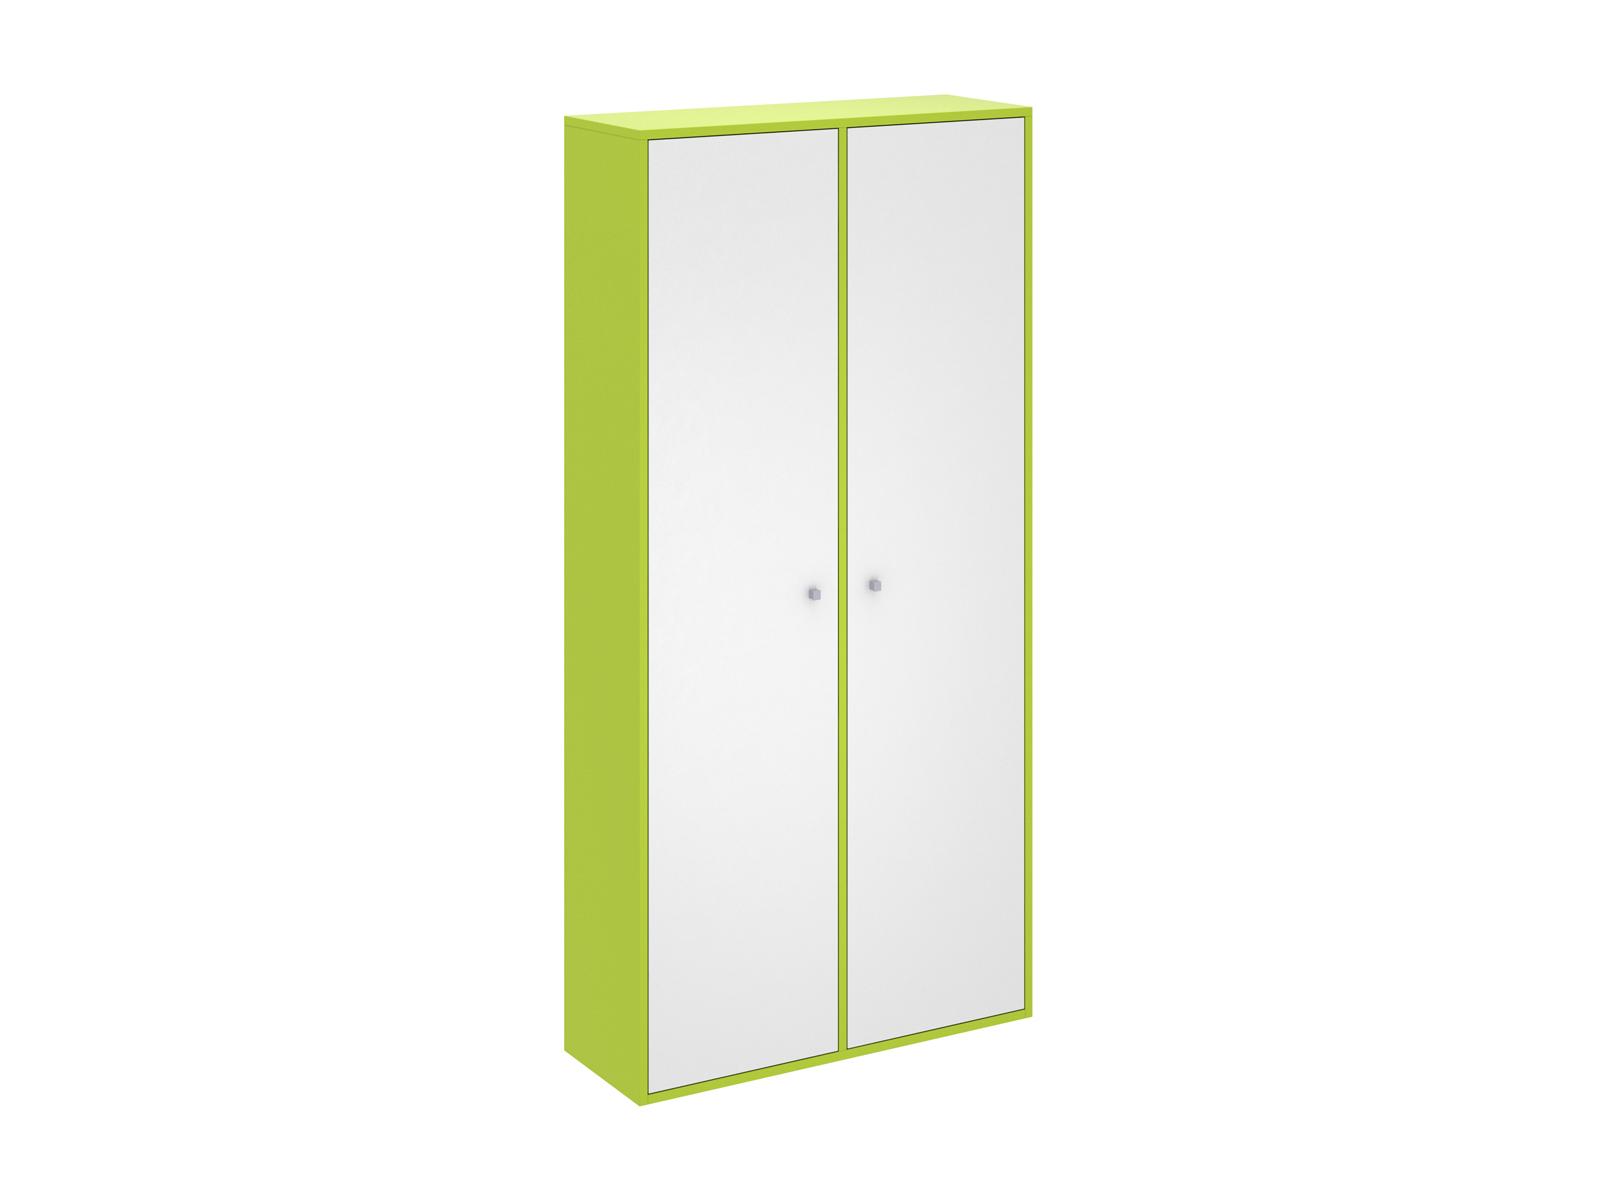 Шкаф PinokkioШкафы<br>Шкаф для хранения одежды имеет два отделения. В первом отделении расположены полки. Во втором - выдвижная штанга для одежды.<br>